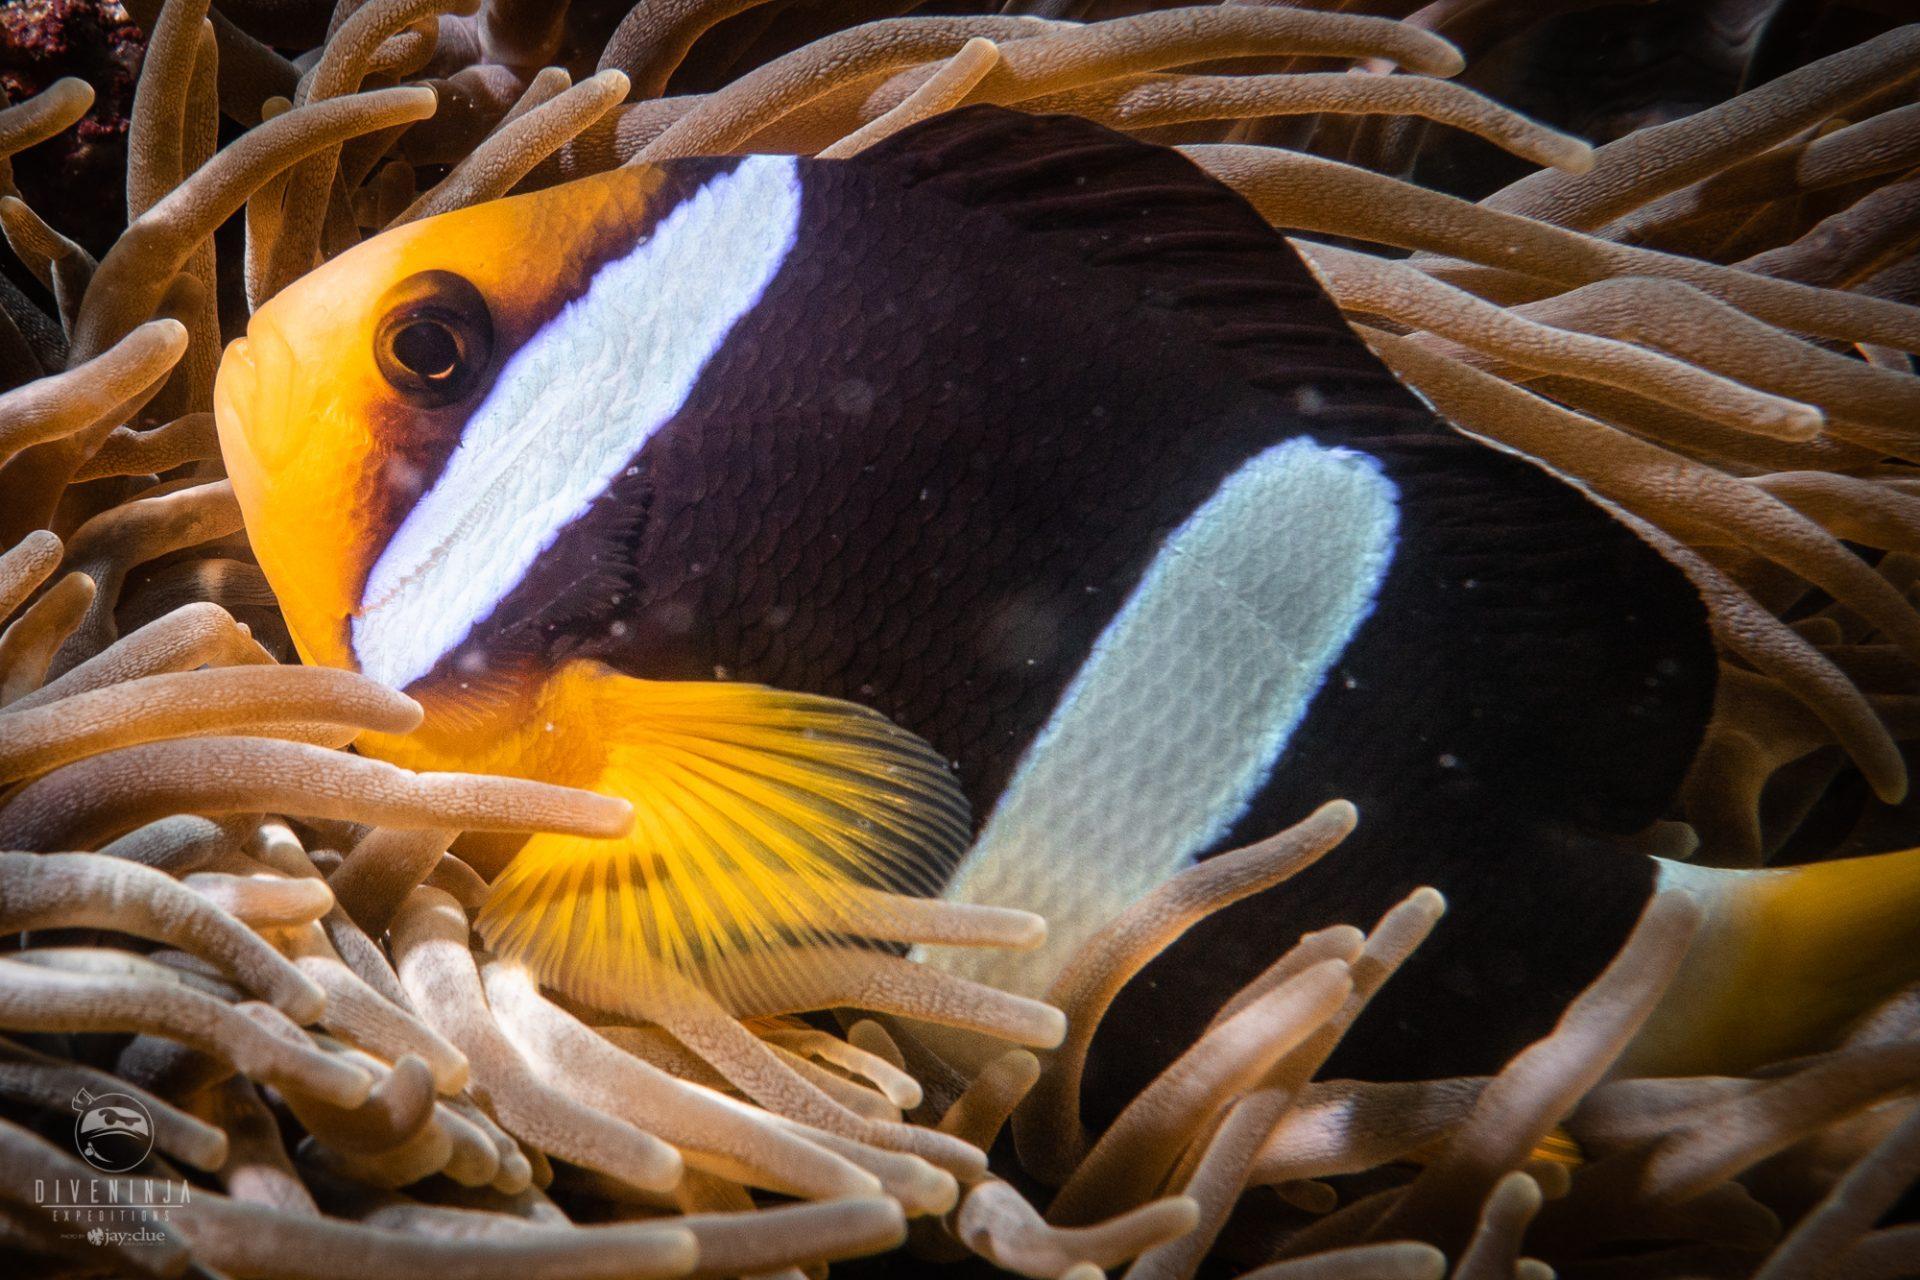 clown anemone fish, Scuba Diving in the Maldives